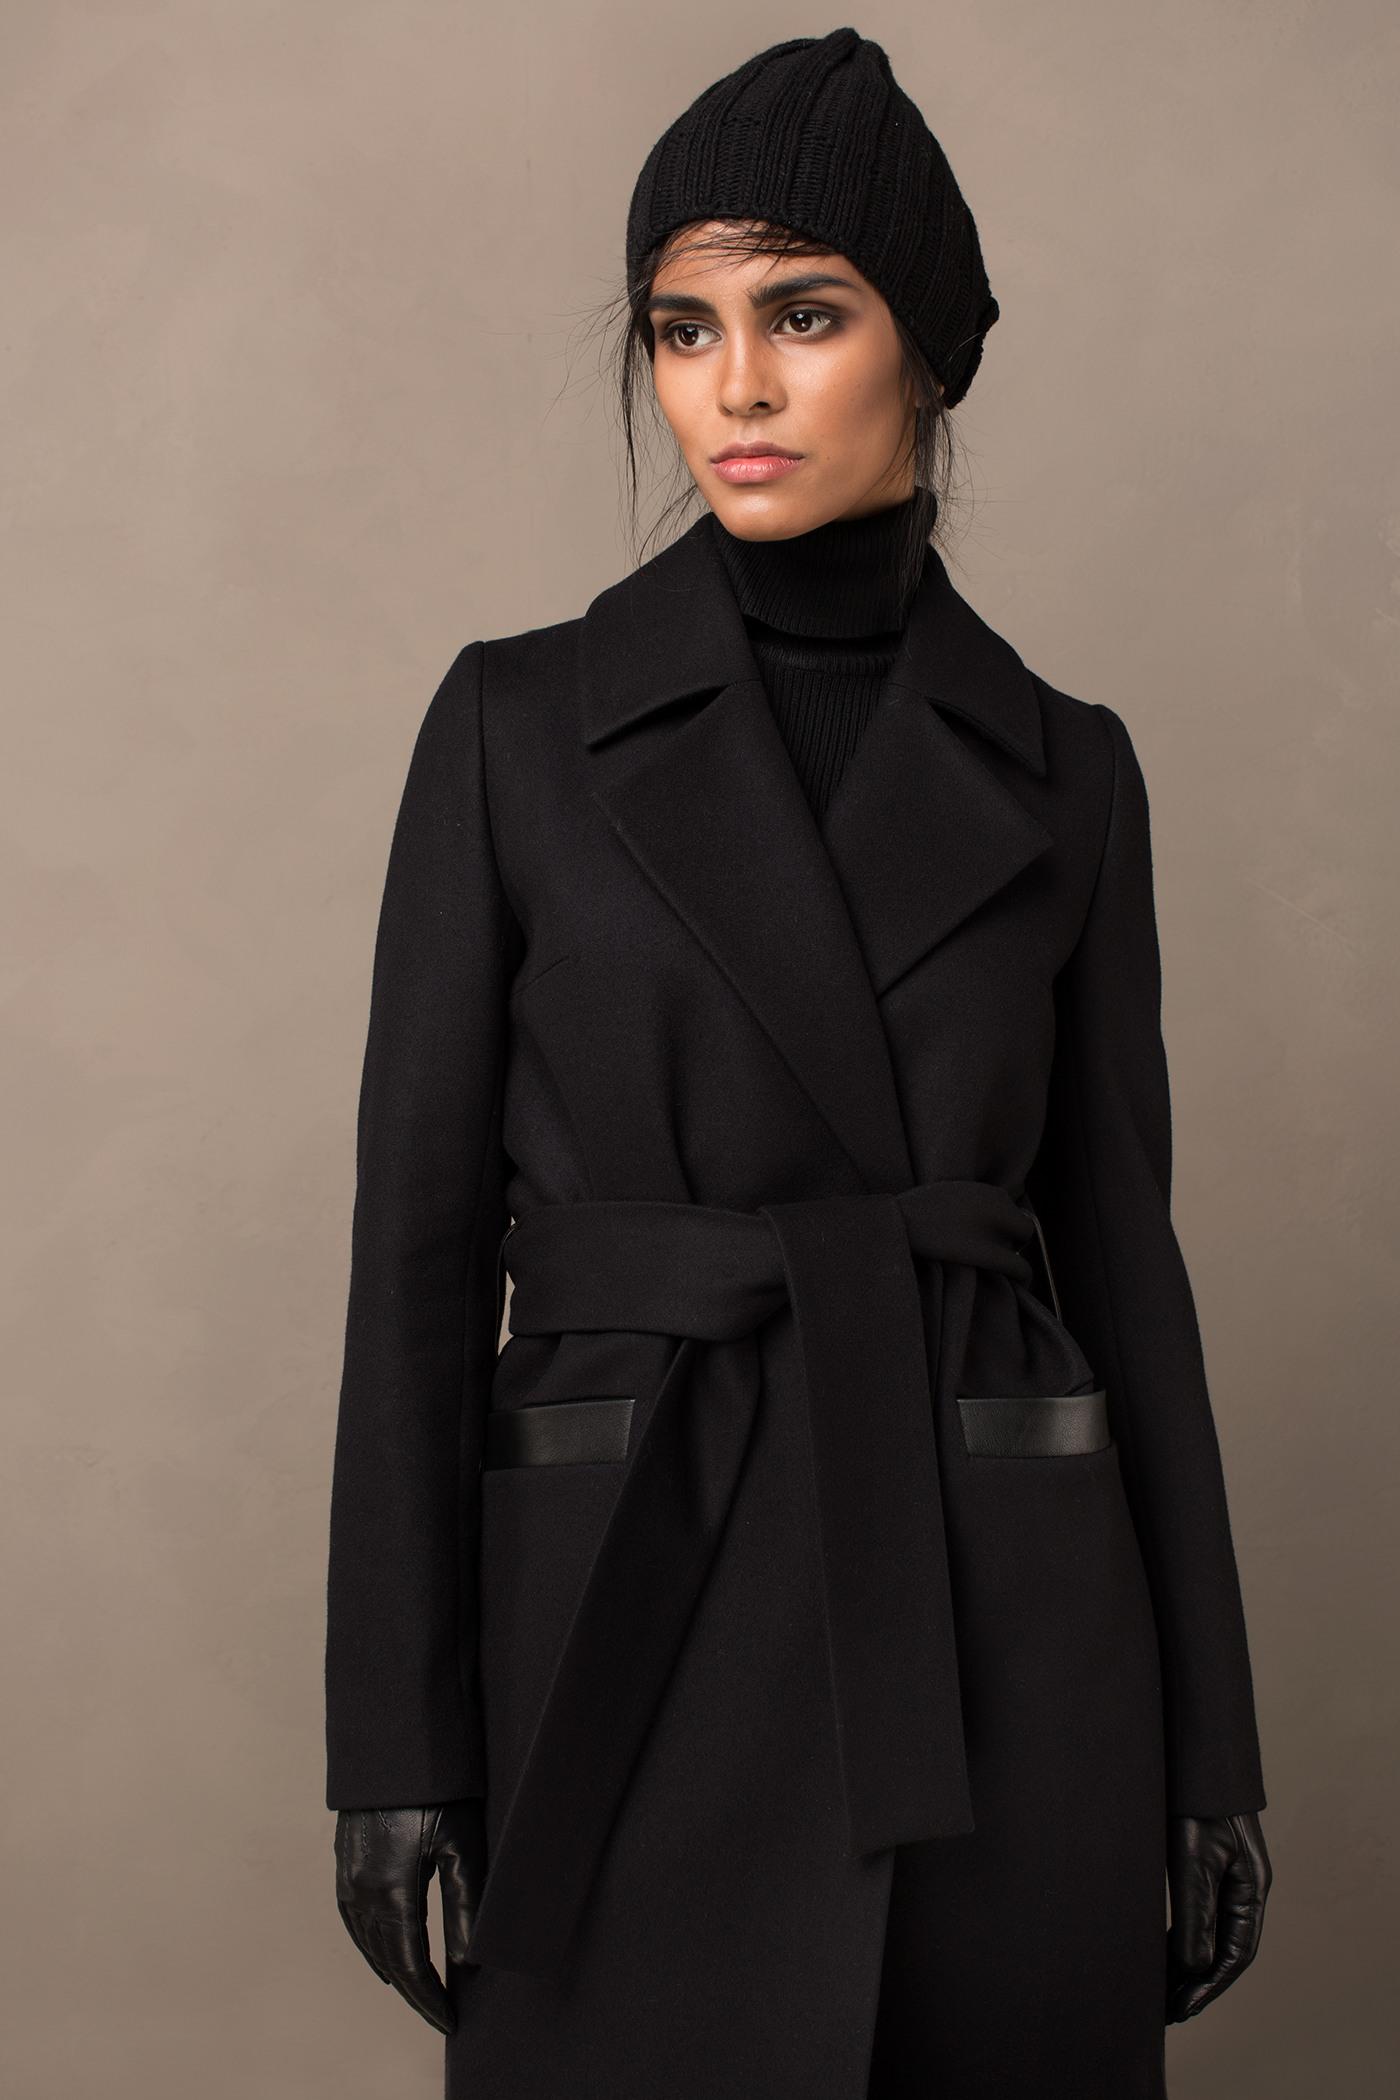 Пальто - ВЕНА (2.1)Пальто<br>Пальто с английским воротником &#13;<br>&#13;<br>Элегантное классическое пальто VIENNA (Вена), выполненное из шерсти, станет отличной базой для любого городского гардероба. Рекомендуемый тепловой режим: от +15 до - 8 градусов.&#13;<br>&#13;<br>&#13;<br>рекомендуемая сезонность: демисезон, осень&#13;<br>&#13;<br>кнопки вместо пуговиц, благодаря им у вас всегда имеется возможность корректировки этой модели пальто под себя&#13;<br>&#13;<br>тканный пояс-кушак&#13;<br>&#13;<br>кожаные элементы&#13;<br>&#13;<br>два прорезных кармана спереди&#13;<br>&#13;<br>прямой крой с плотной посадкой на фигуре&#13;<br>&#13;<br>длина размера S при росте 164-170 см- 105 см&#13;<br>&#13;<br>модель имеет 5 ростовки: 152-158 см, 158-164 см, 164-170 см, 170-176 см, 176-182 см. Размер и другие нюансы уточняются при заказе, мы с вами связываемся по указанному вами номеру телефона&#13;<br>&#13;<br>&#13;<br>Если у вас остались вопросы, пишите нам на электронную почту ASYAMALBERSHTEIN@GMAIL.COM или звоните по номеру +7 (812) 649-16-99, мы постараемся ответить на ваши вопросы и помочь определиться вам с выбором или размерной сеткой наших изделий.<br><br>Цвет: Черный<br>Размер: XXS, XS, S, M, L, XL<br>Ростовка: 152 - 158, 158 -164, 164 -170, 170 -176, 176 -182